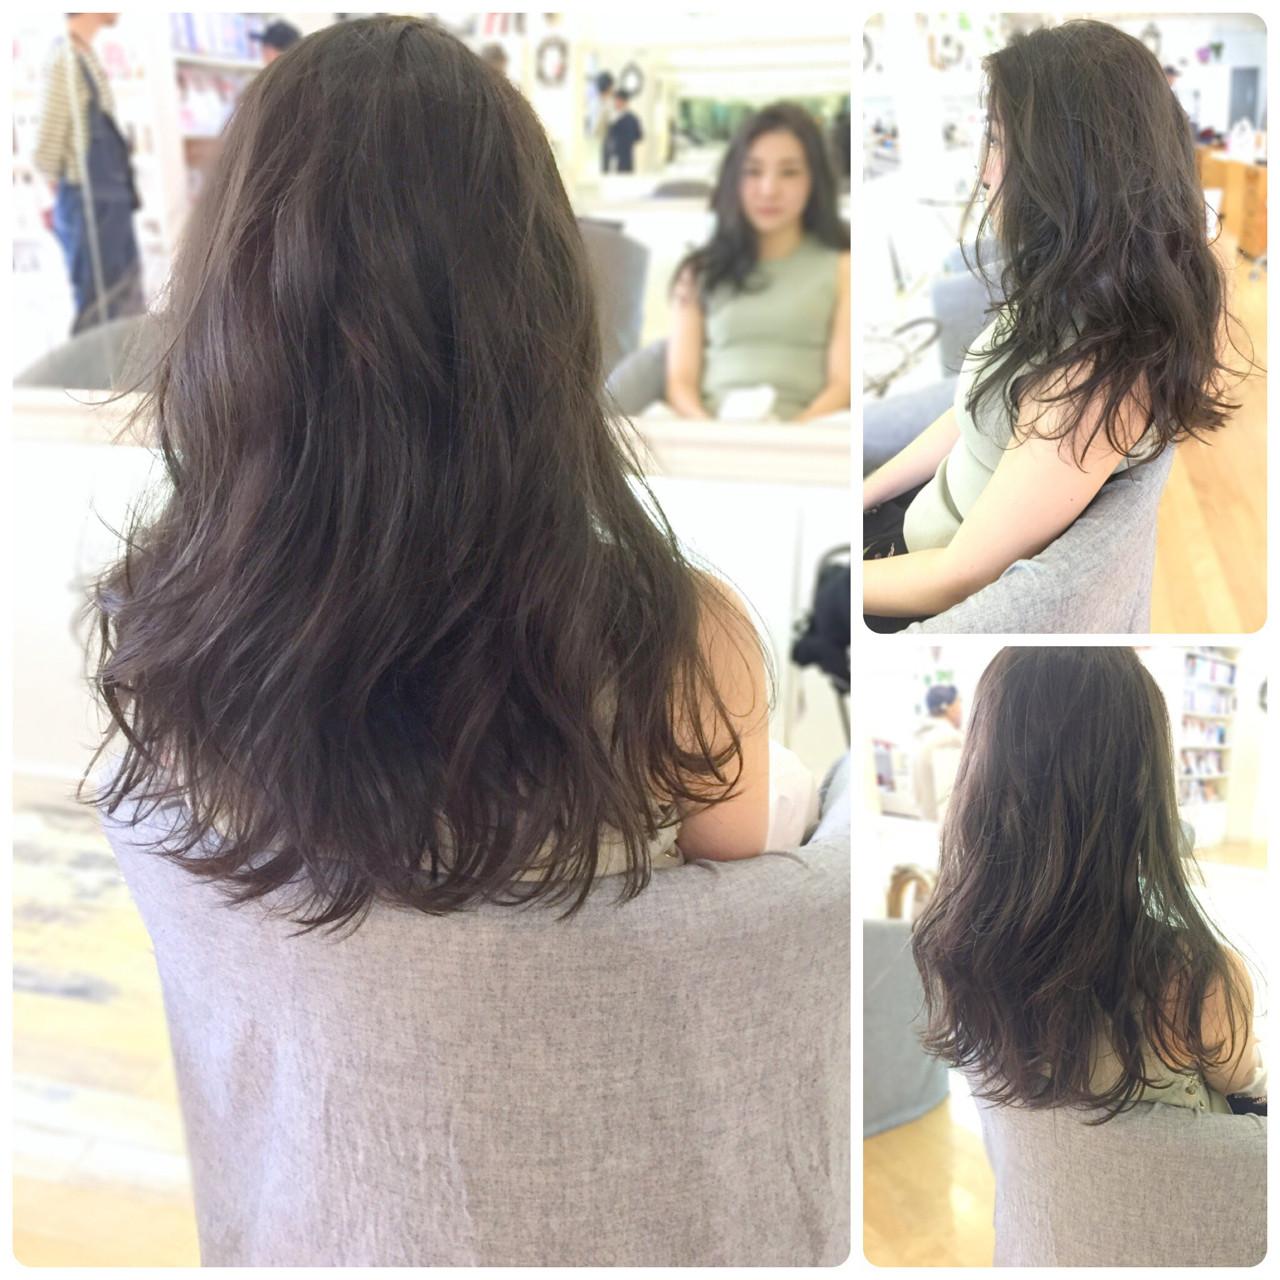 ロング イルミナカラー 透明感 ウェーブ ヘアスタイルや髪型の写真・画像 | イマムラ スナオ / LUKE